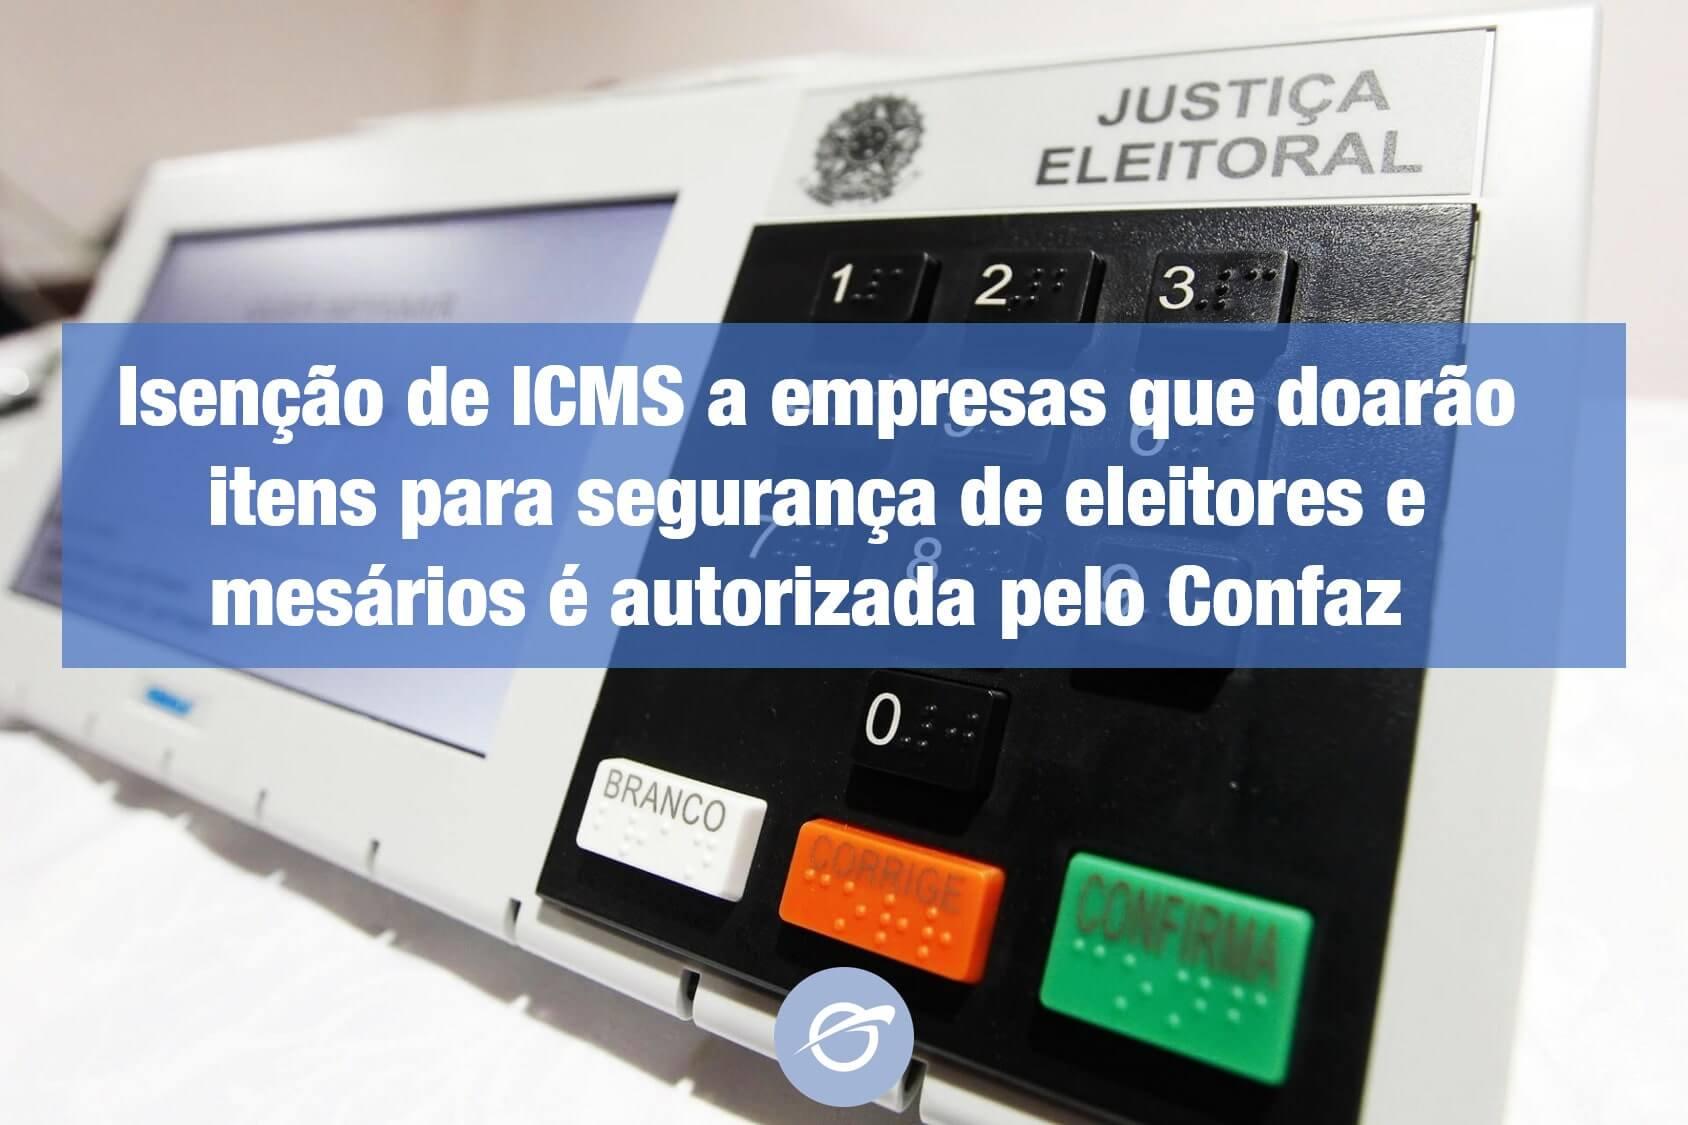 Isenção-de-ICMS-a-empresas-que-doarão-itens-para-segurança-de-eleitores-e-mesários-é-autorizada